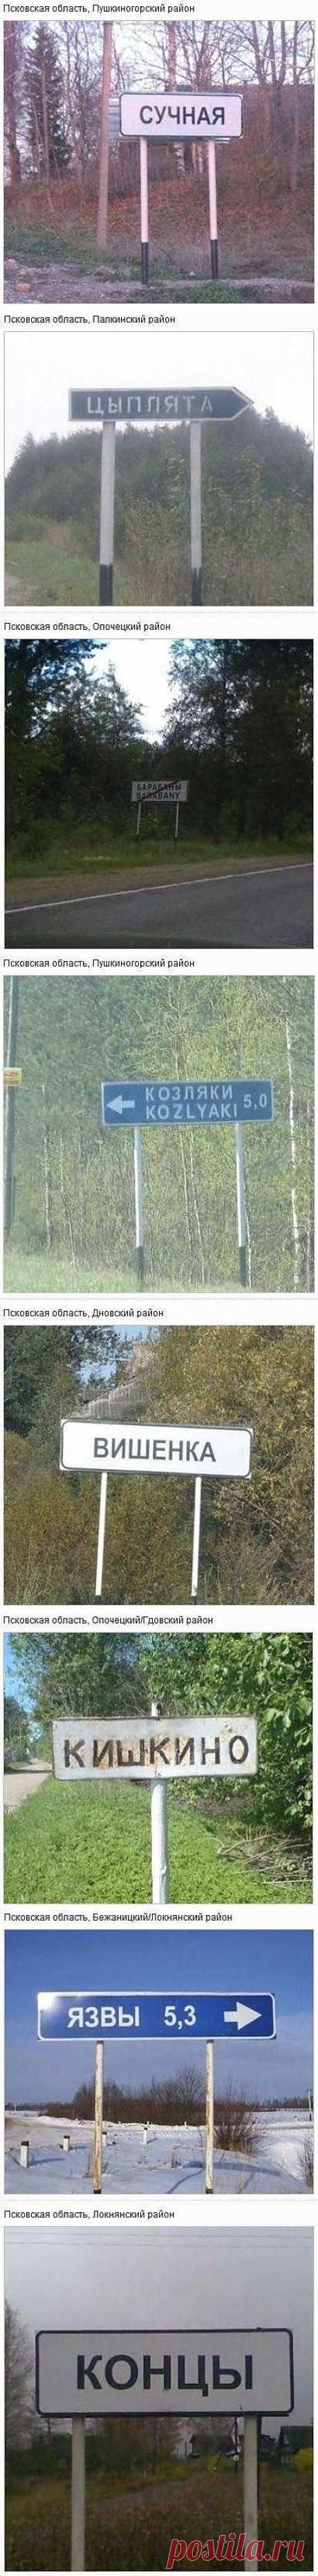 сообщение Goodwine : О чем думали наши предки, когда давали названия населенным пунктам (16:51 05-01-2014) [3006307/306287327] - kiyashko_1964@mail.ru - Почта Mail.Ru